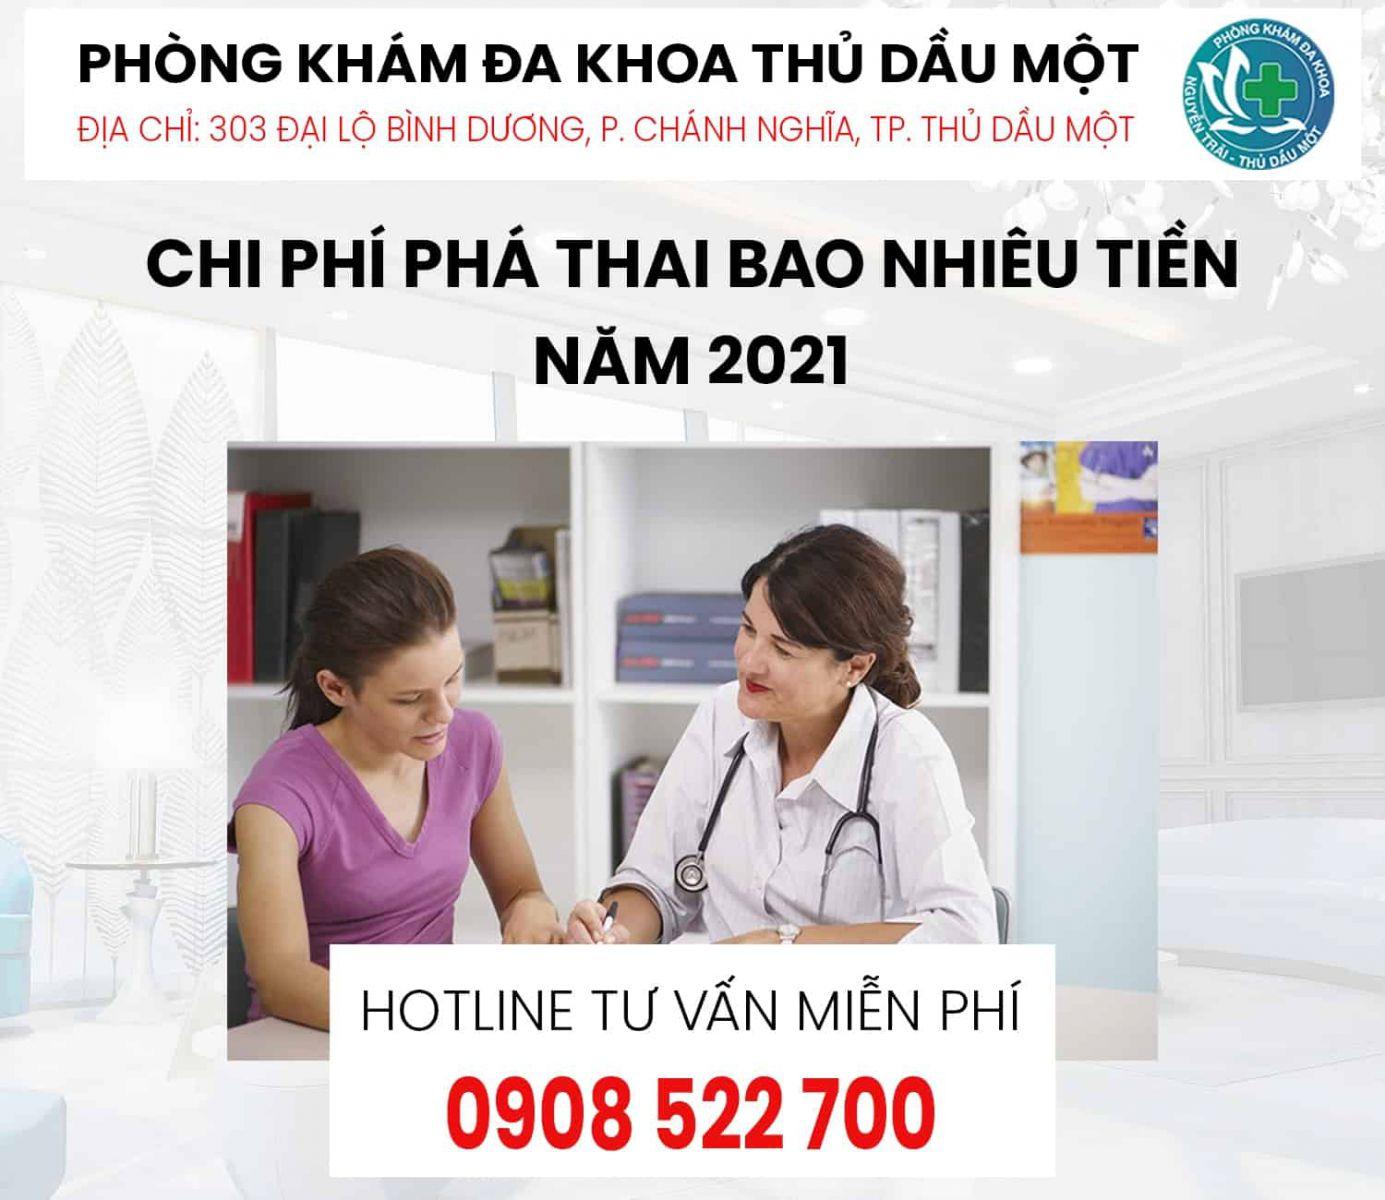 chi phí phá thai bằng thuốc năm 2021